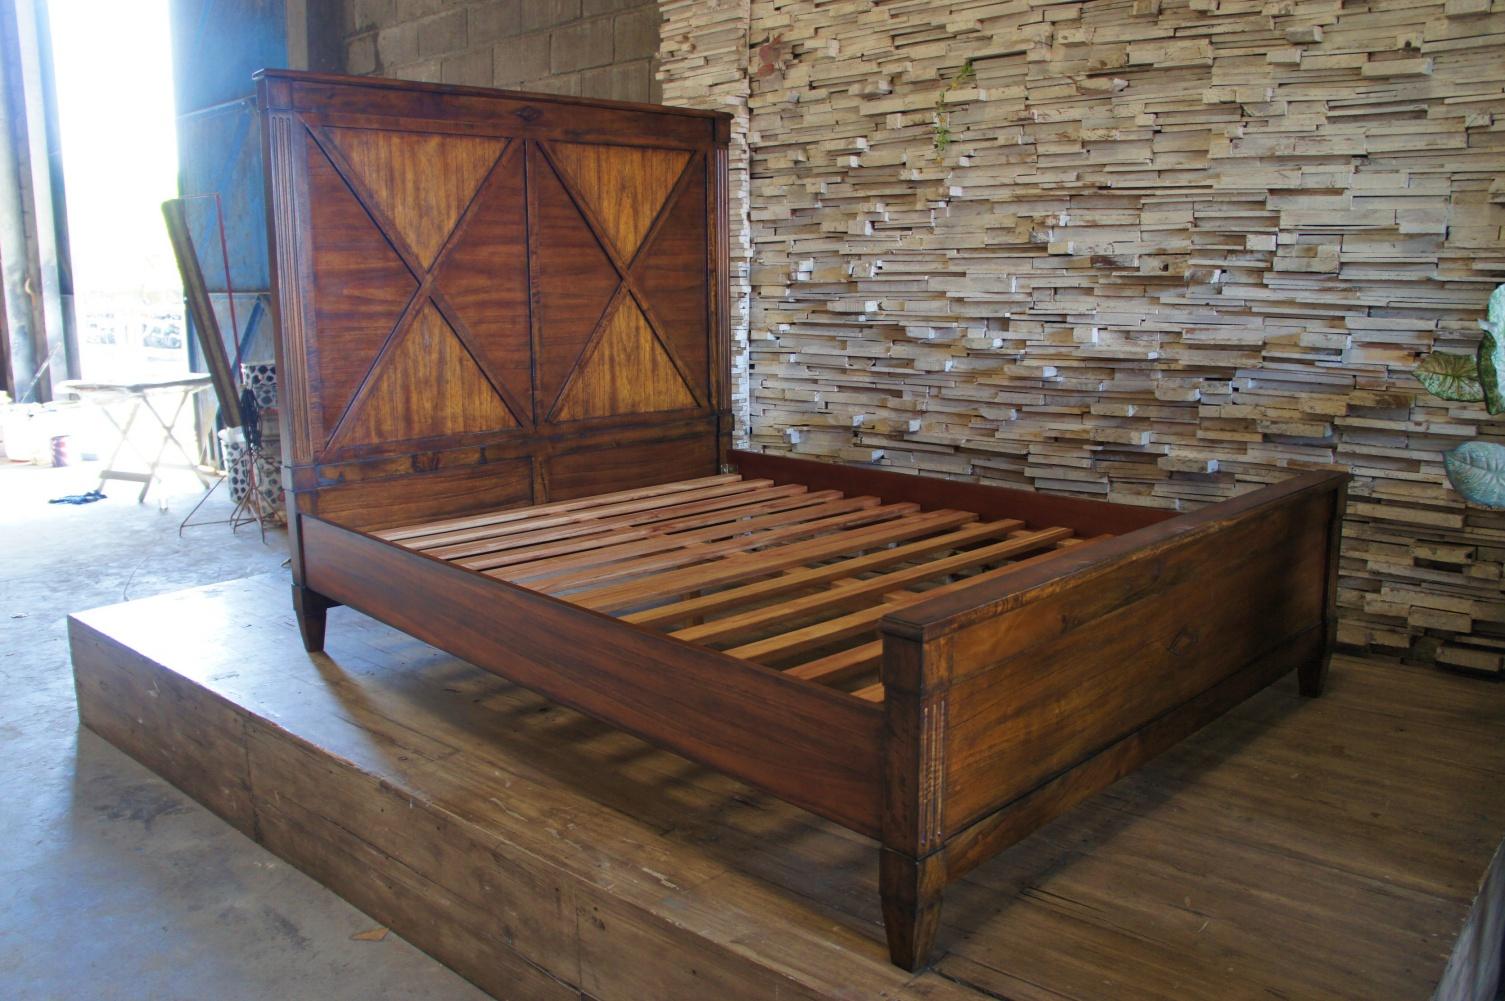 CARACAS BED